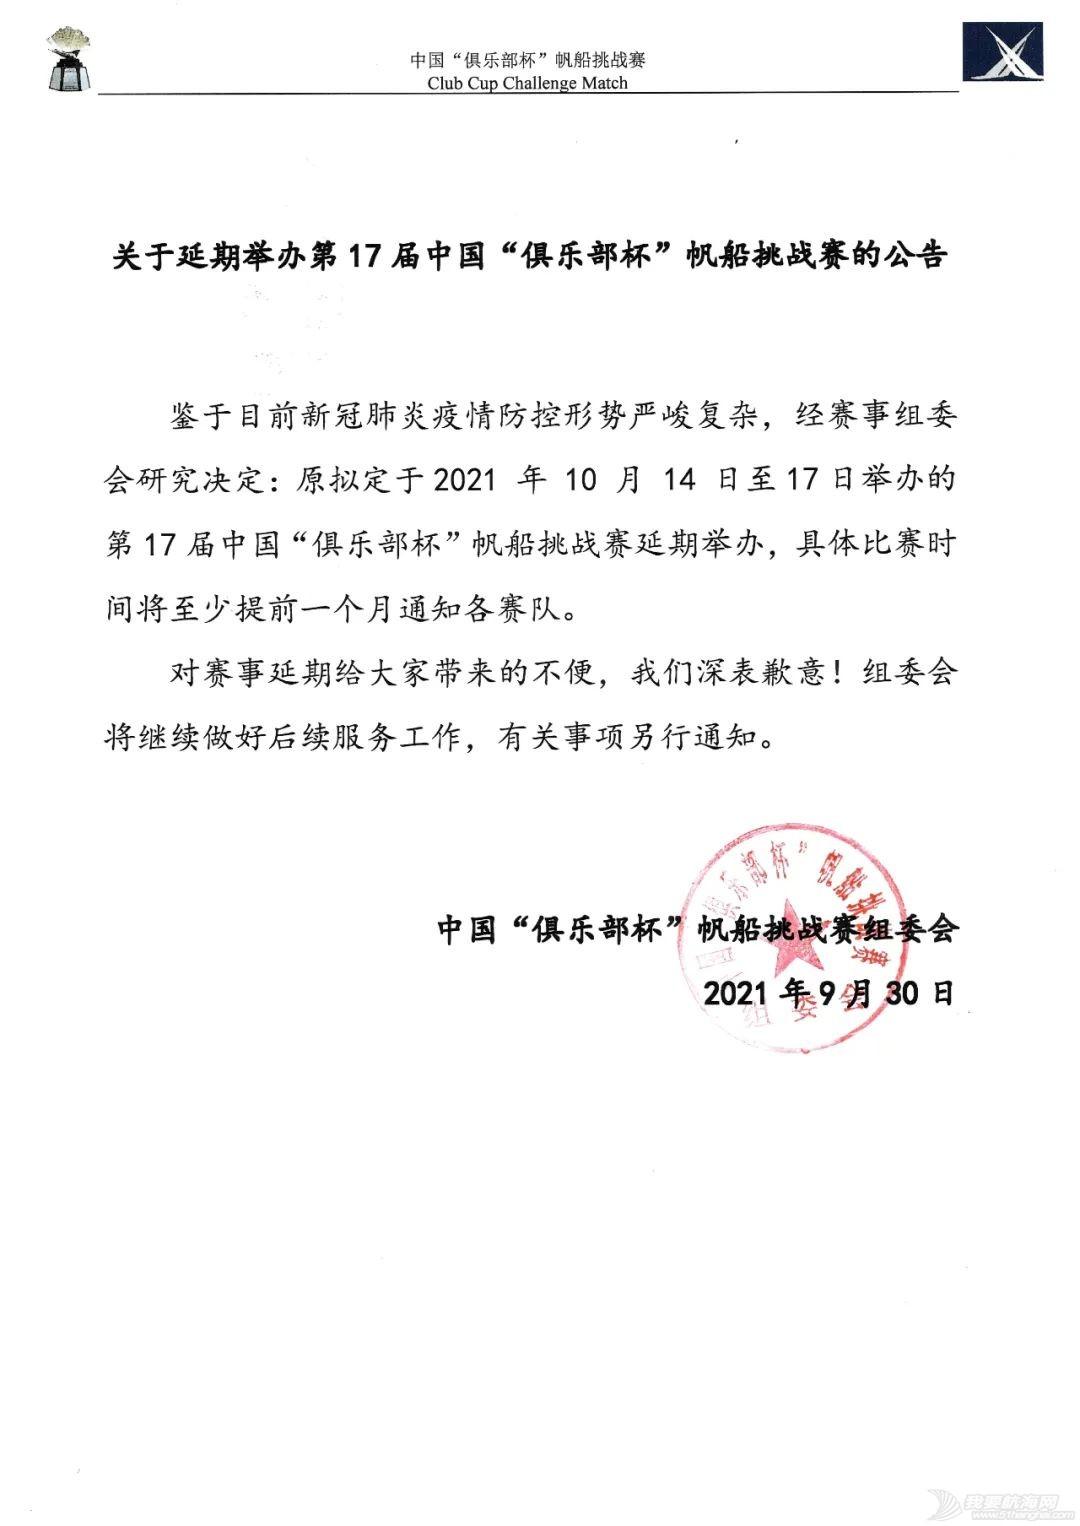 """关于延期举办第17届中国""""俱乐部杯""""帆船挑战赛的公告w1.jpg"""